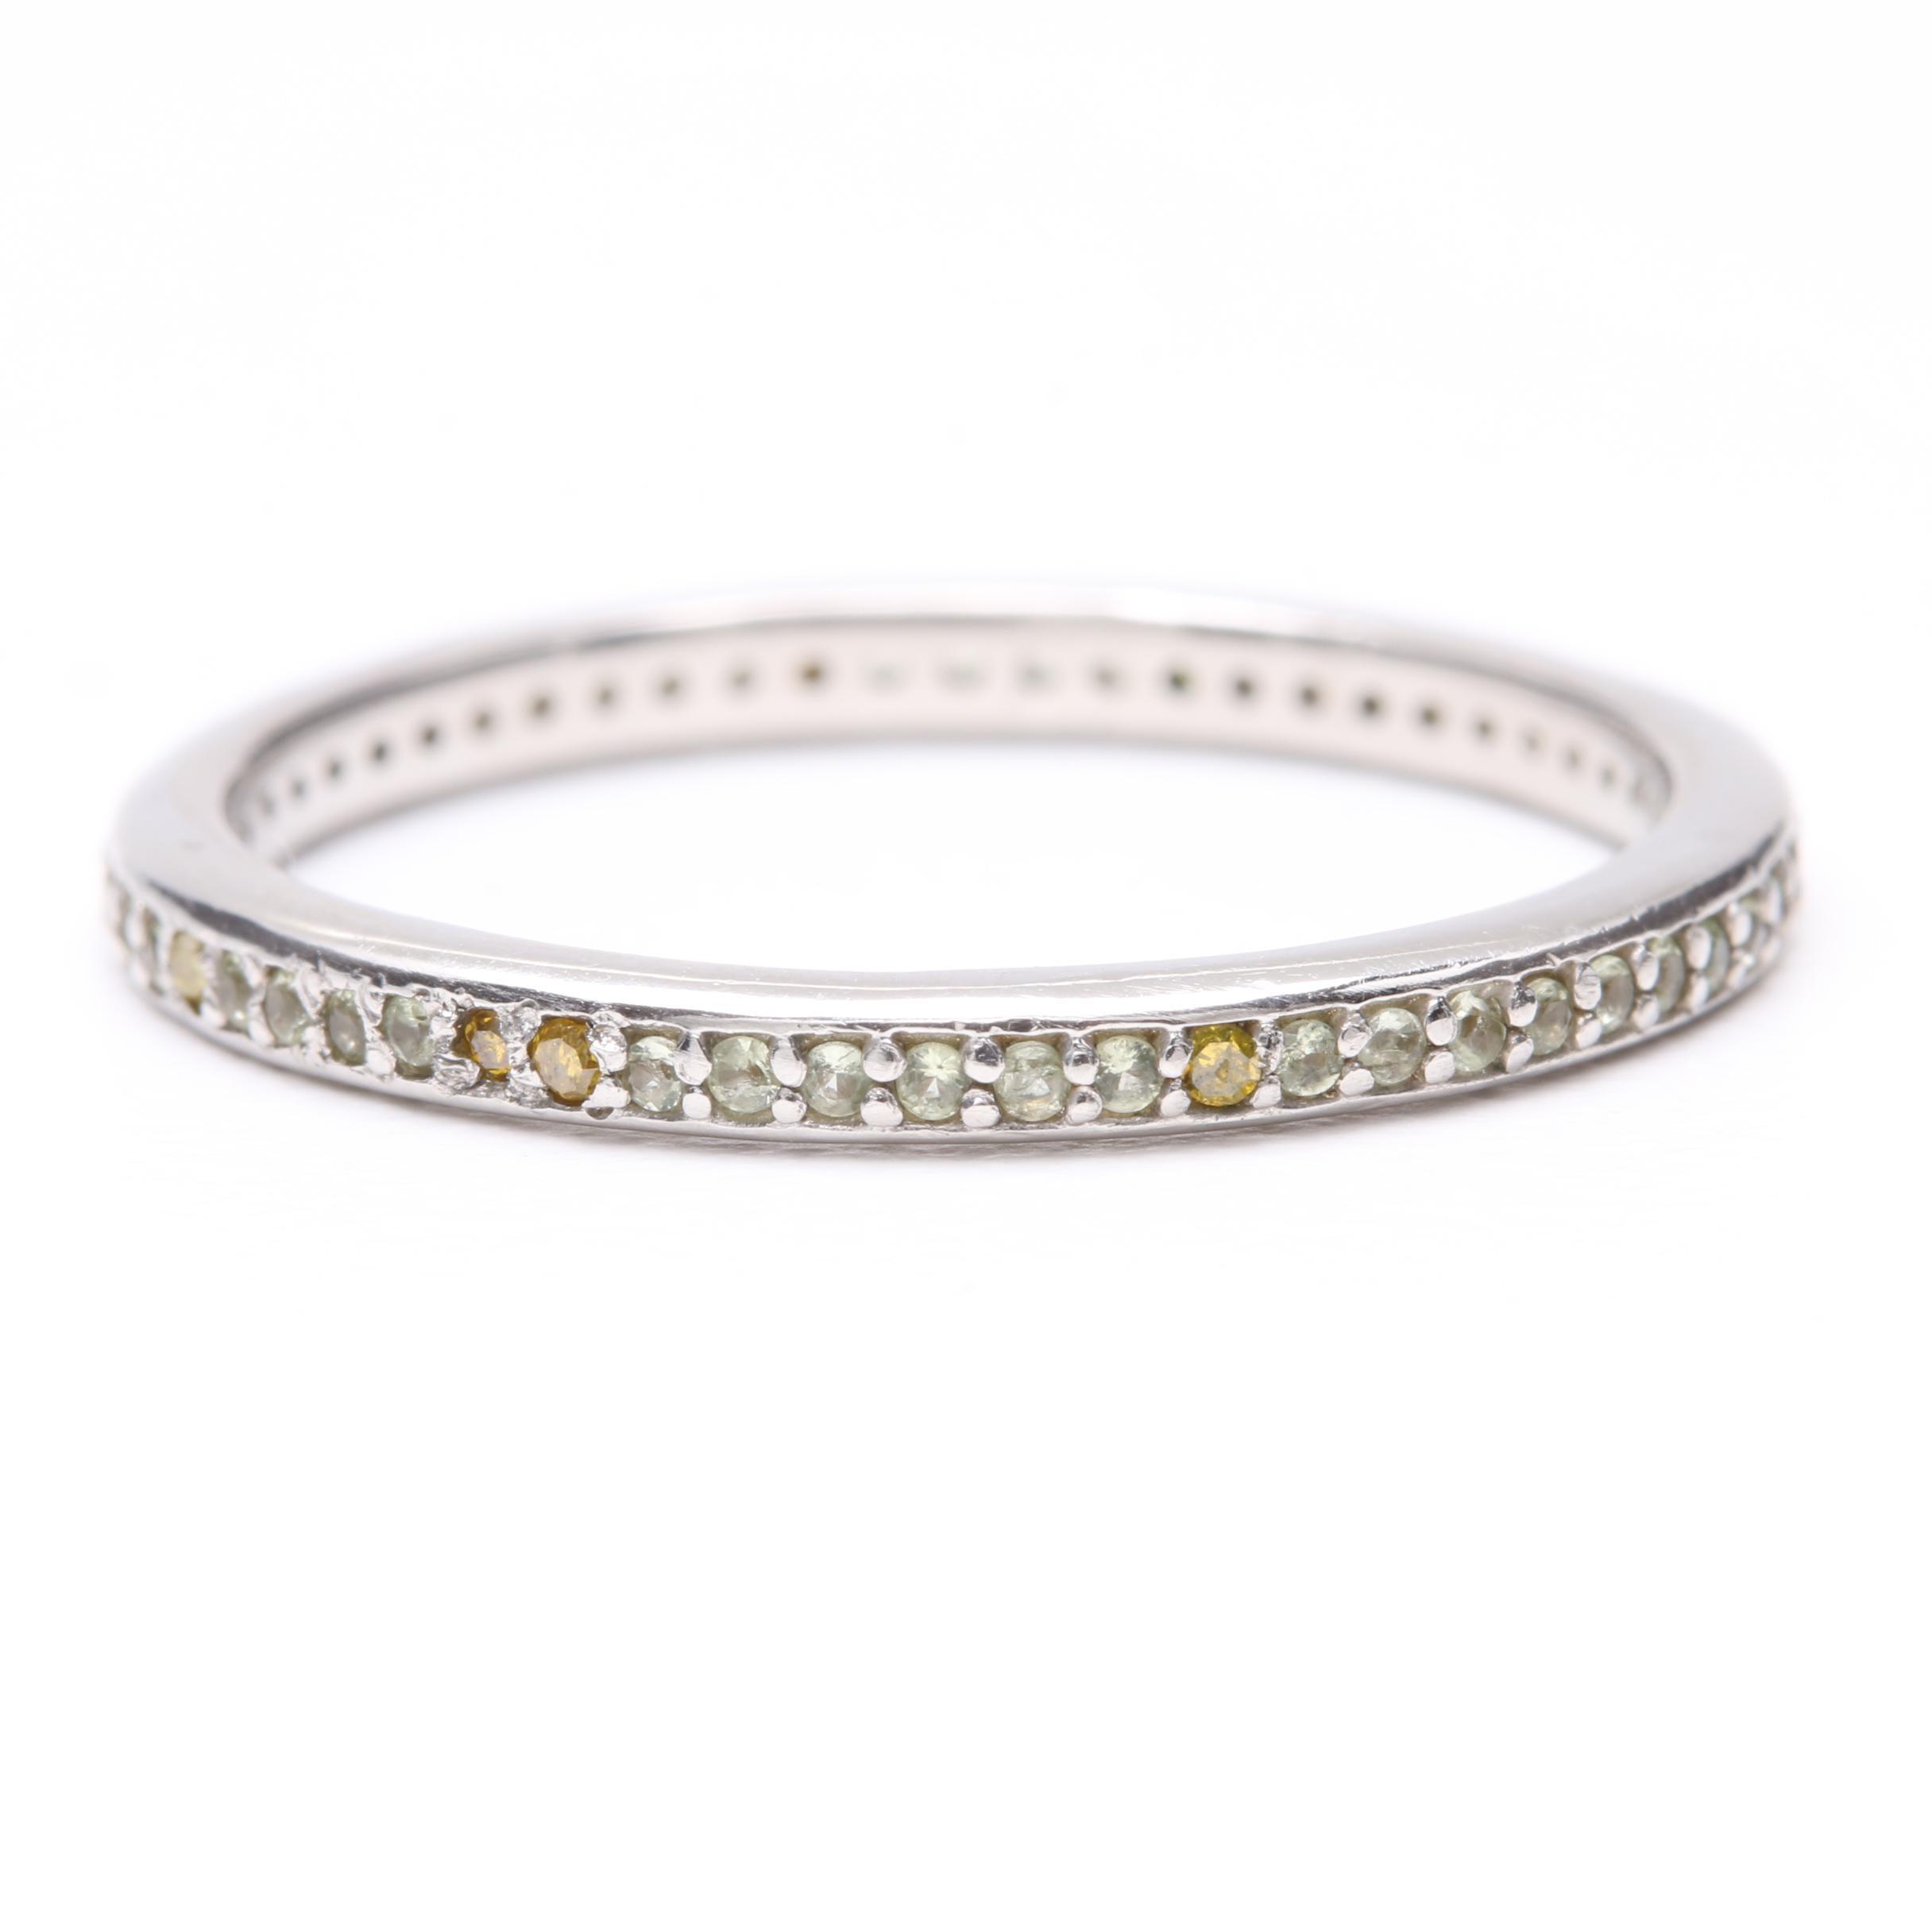 Platinum Diamond and Cubic Zirconia Ring